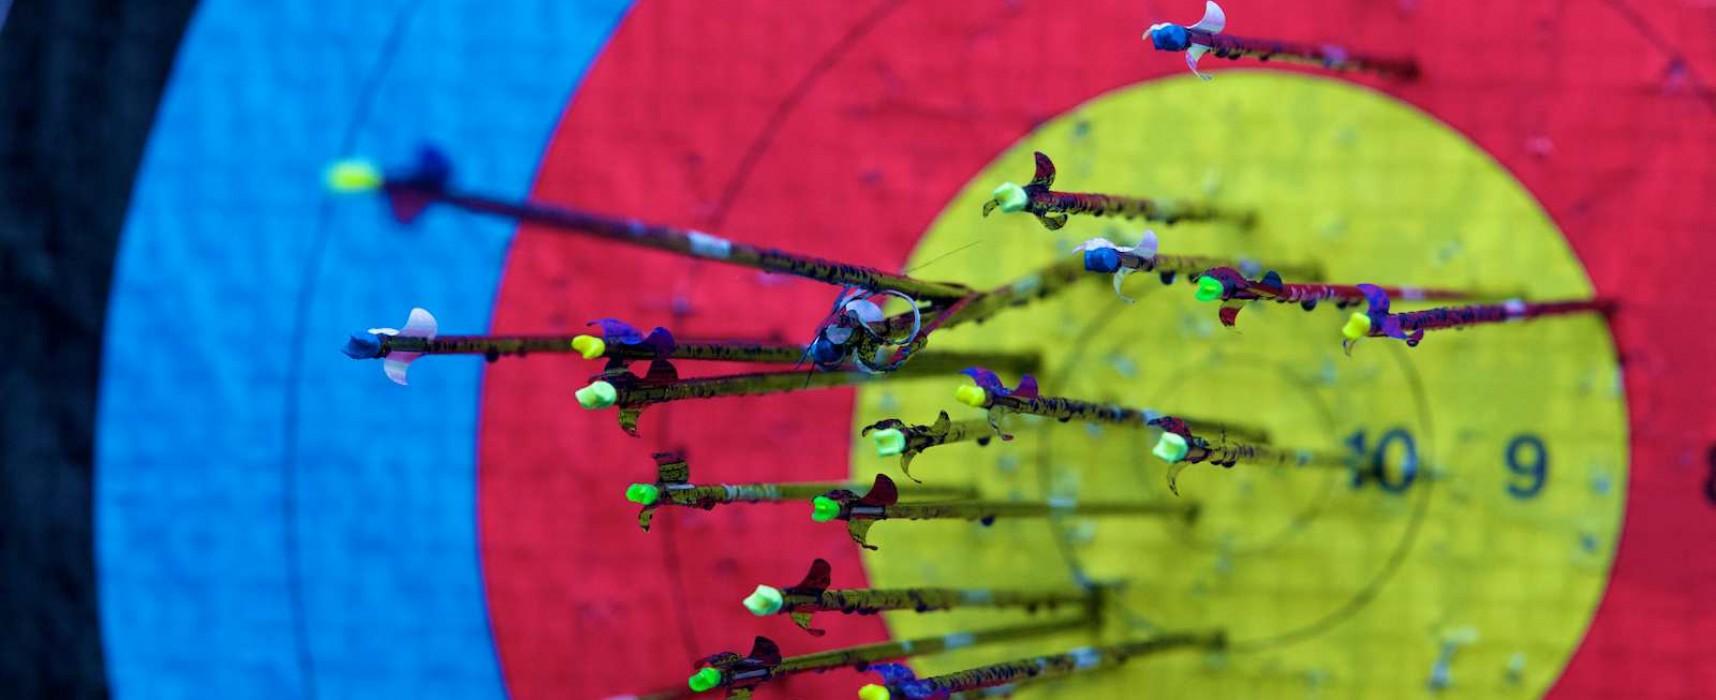 Λίστες Αθλητών και Στόχοι  Αναπτυξιακού αγώνα Κ.Χ., Αγία Τριάδα Ναυπλίου 25 Νοεμβρίου 2017